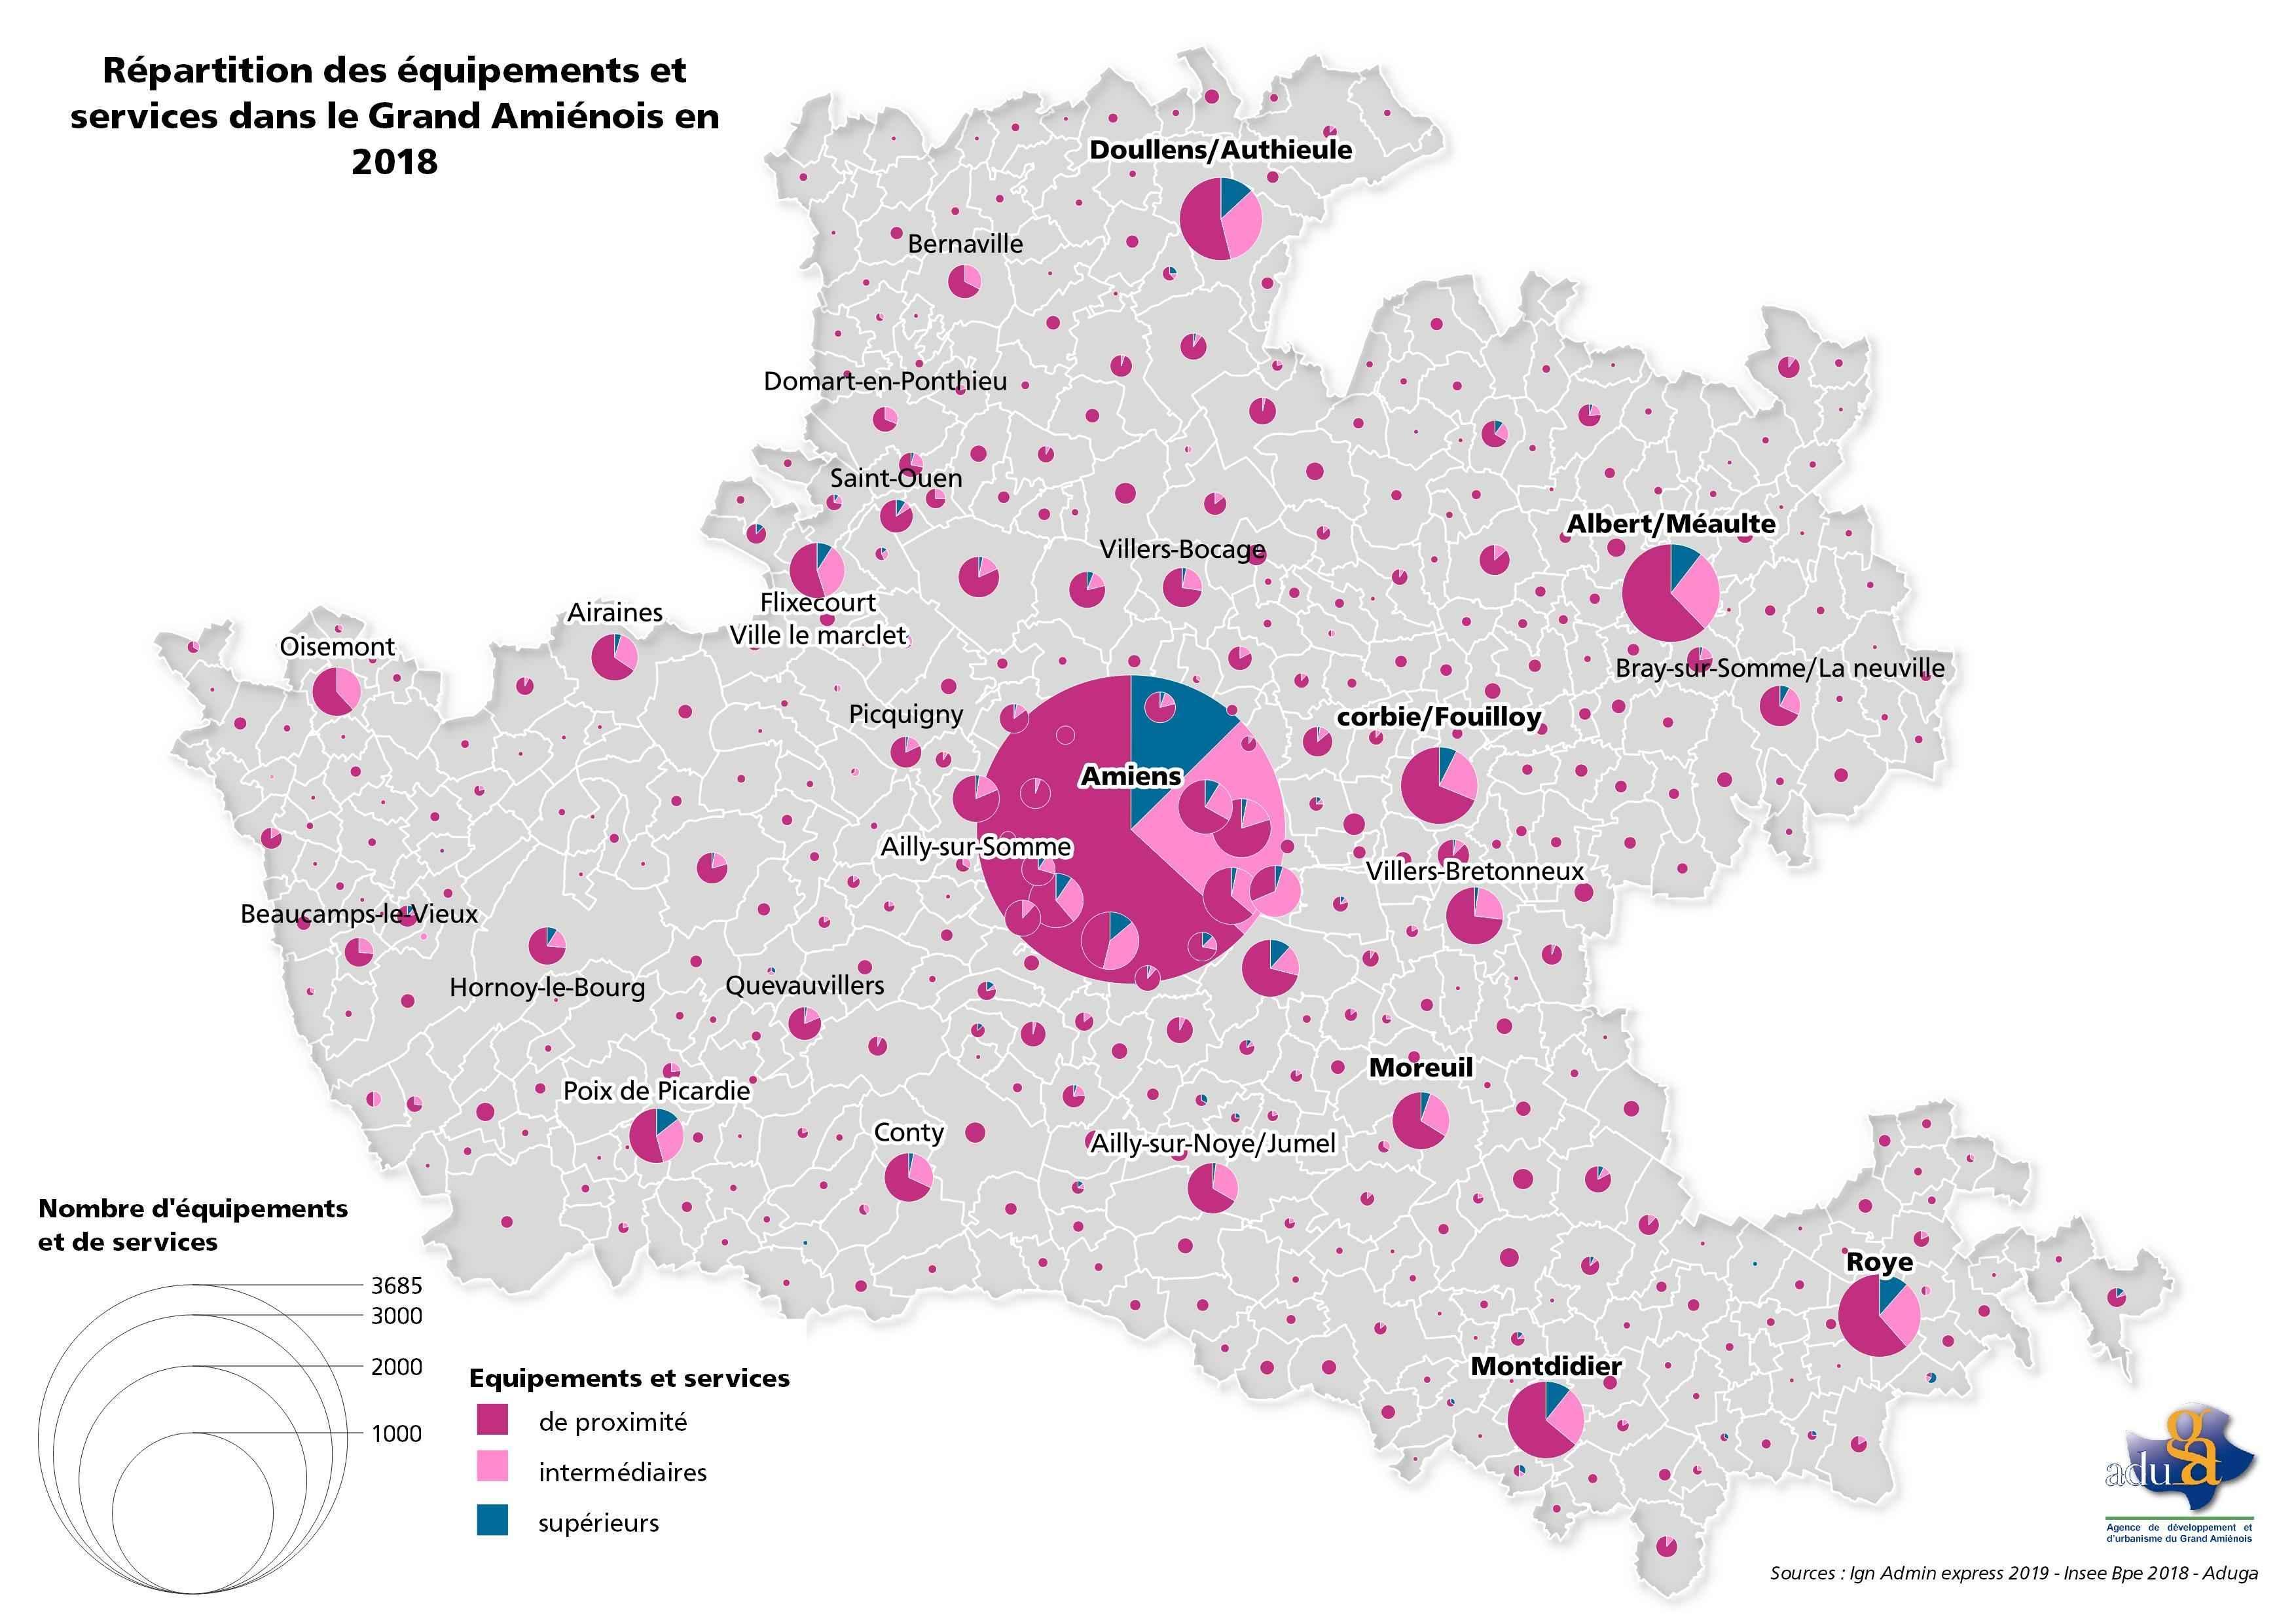 La carte du mois: Répartition des équipements et services dans le Grand Amiénois